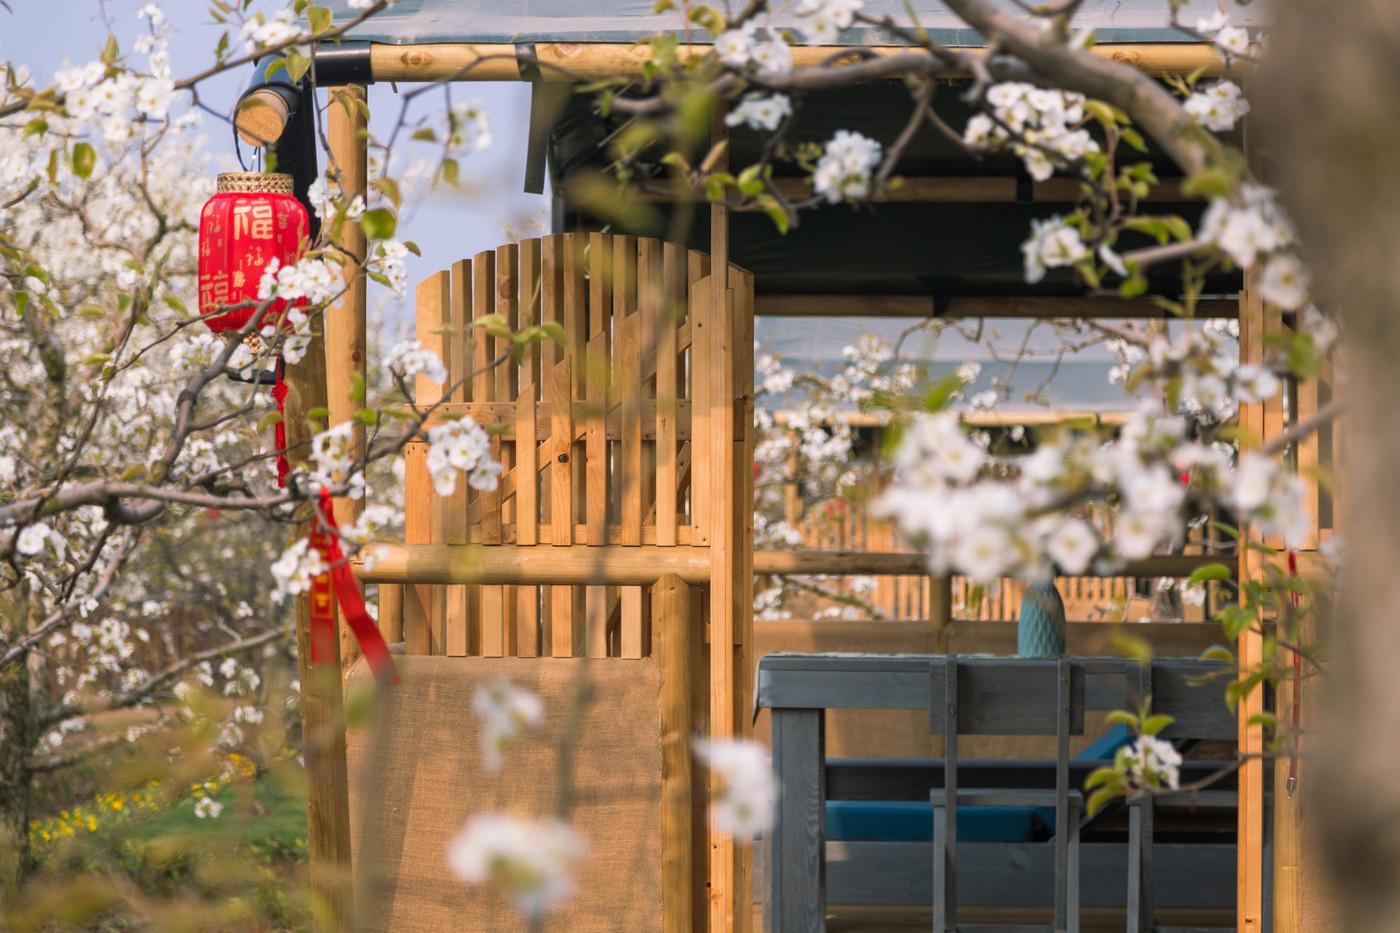 喜马拉雅野奢帐篷酒店—安徽砀山东篱蓬芦(梨园78平)7